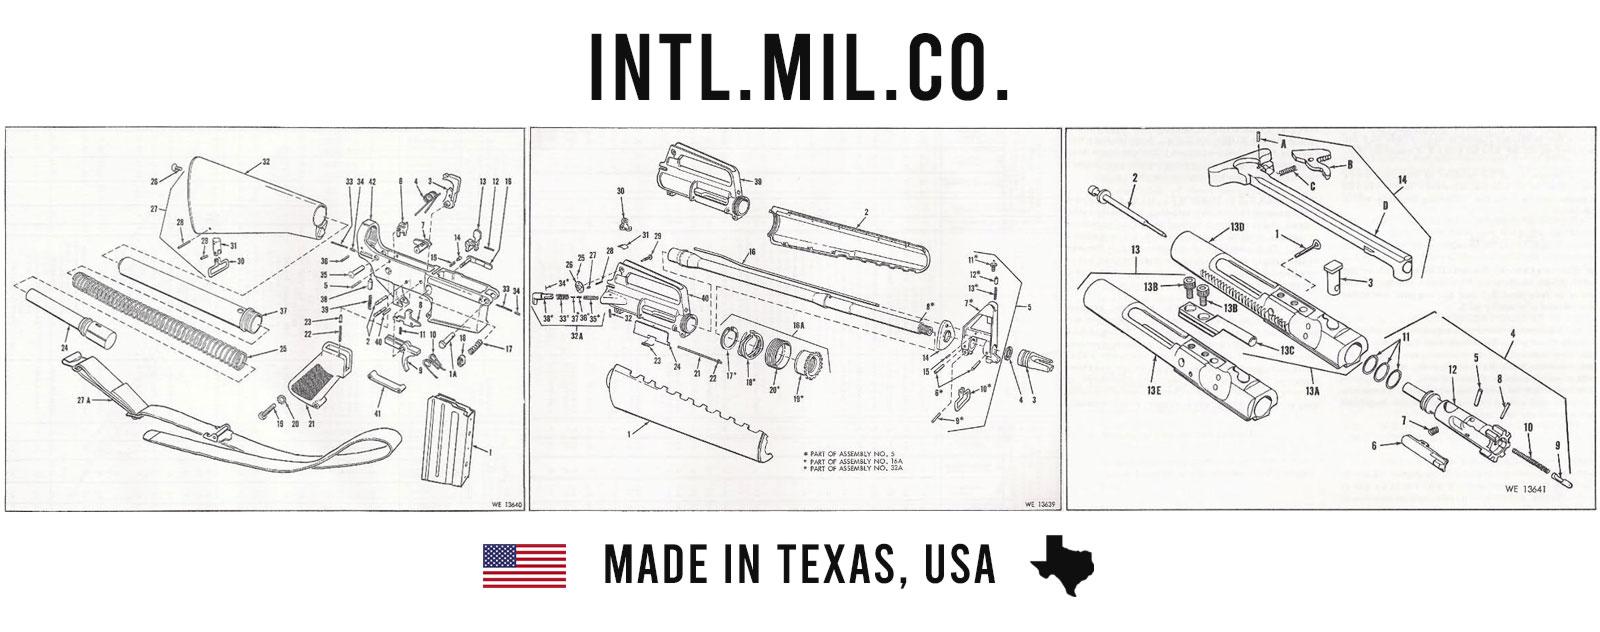 imtc-about-page-header-2.jpg